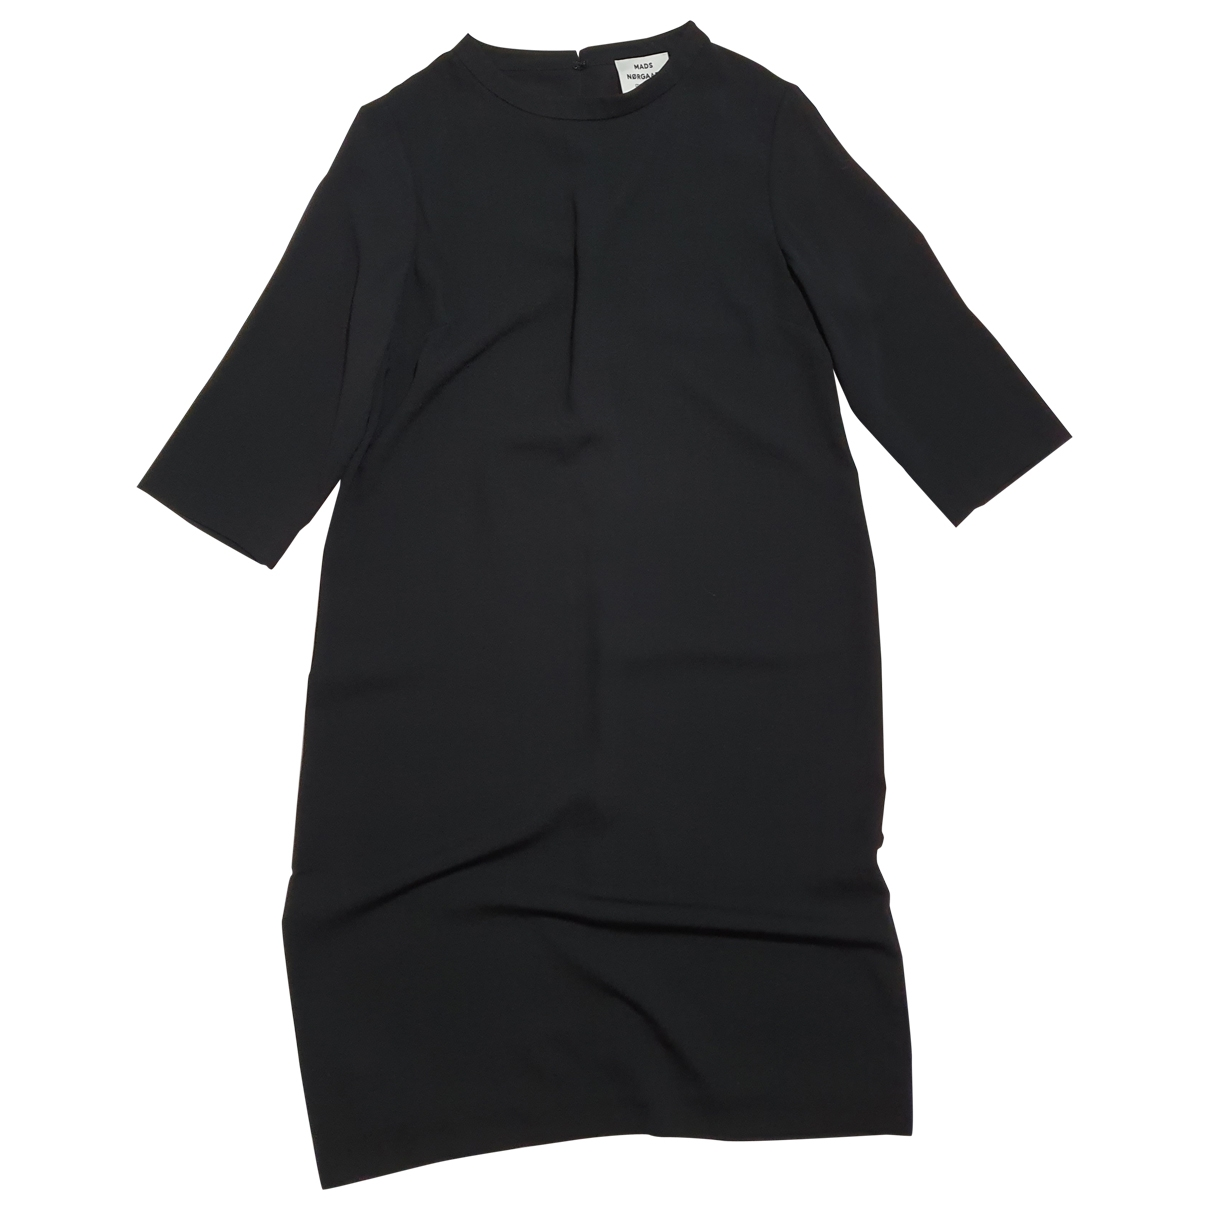 Mads Nørgaard \N Kleid in  Schwarz Polyester